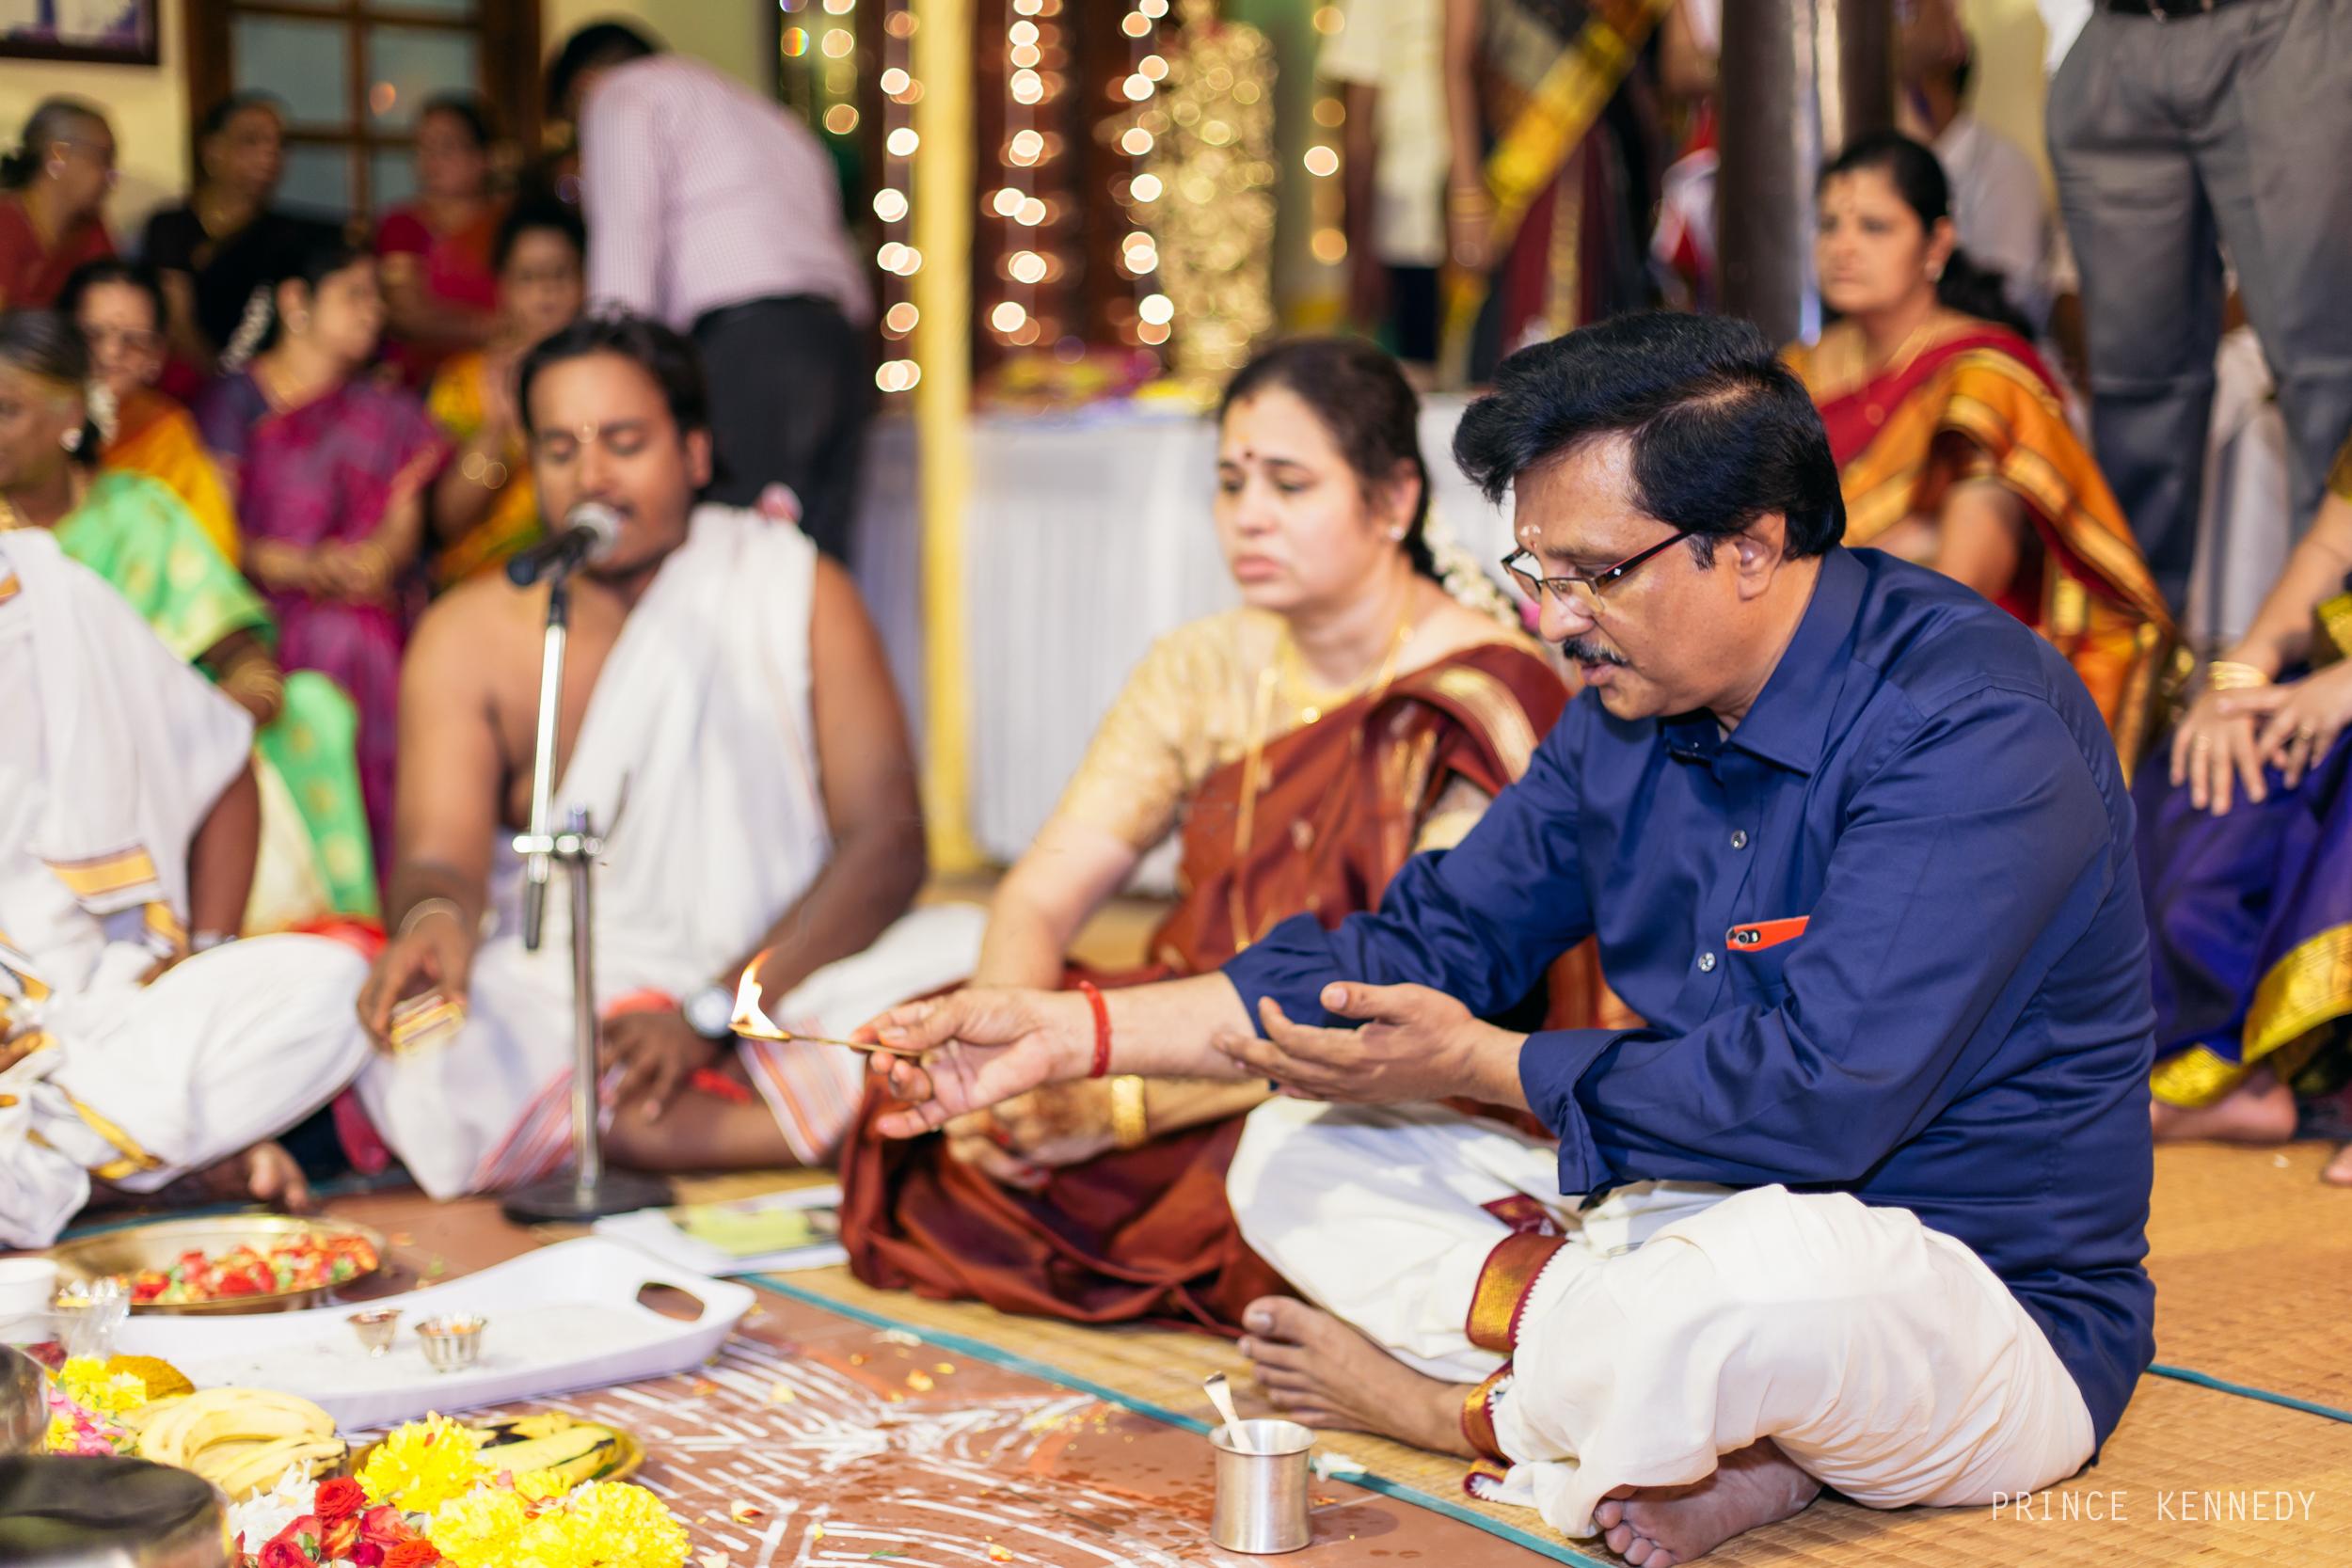 Engagement-Couple-Portrait-Portraiture-Wedding-Couple-Portrait-Chennai-Photographer-Candid-Photography-Destination-Best-Prince-Kennedy-Photography-170.jpg